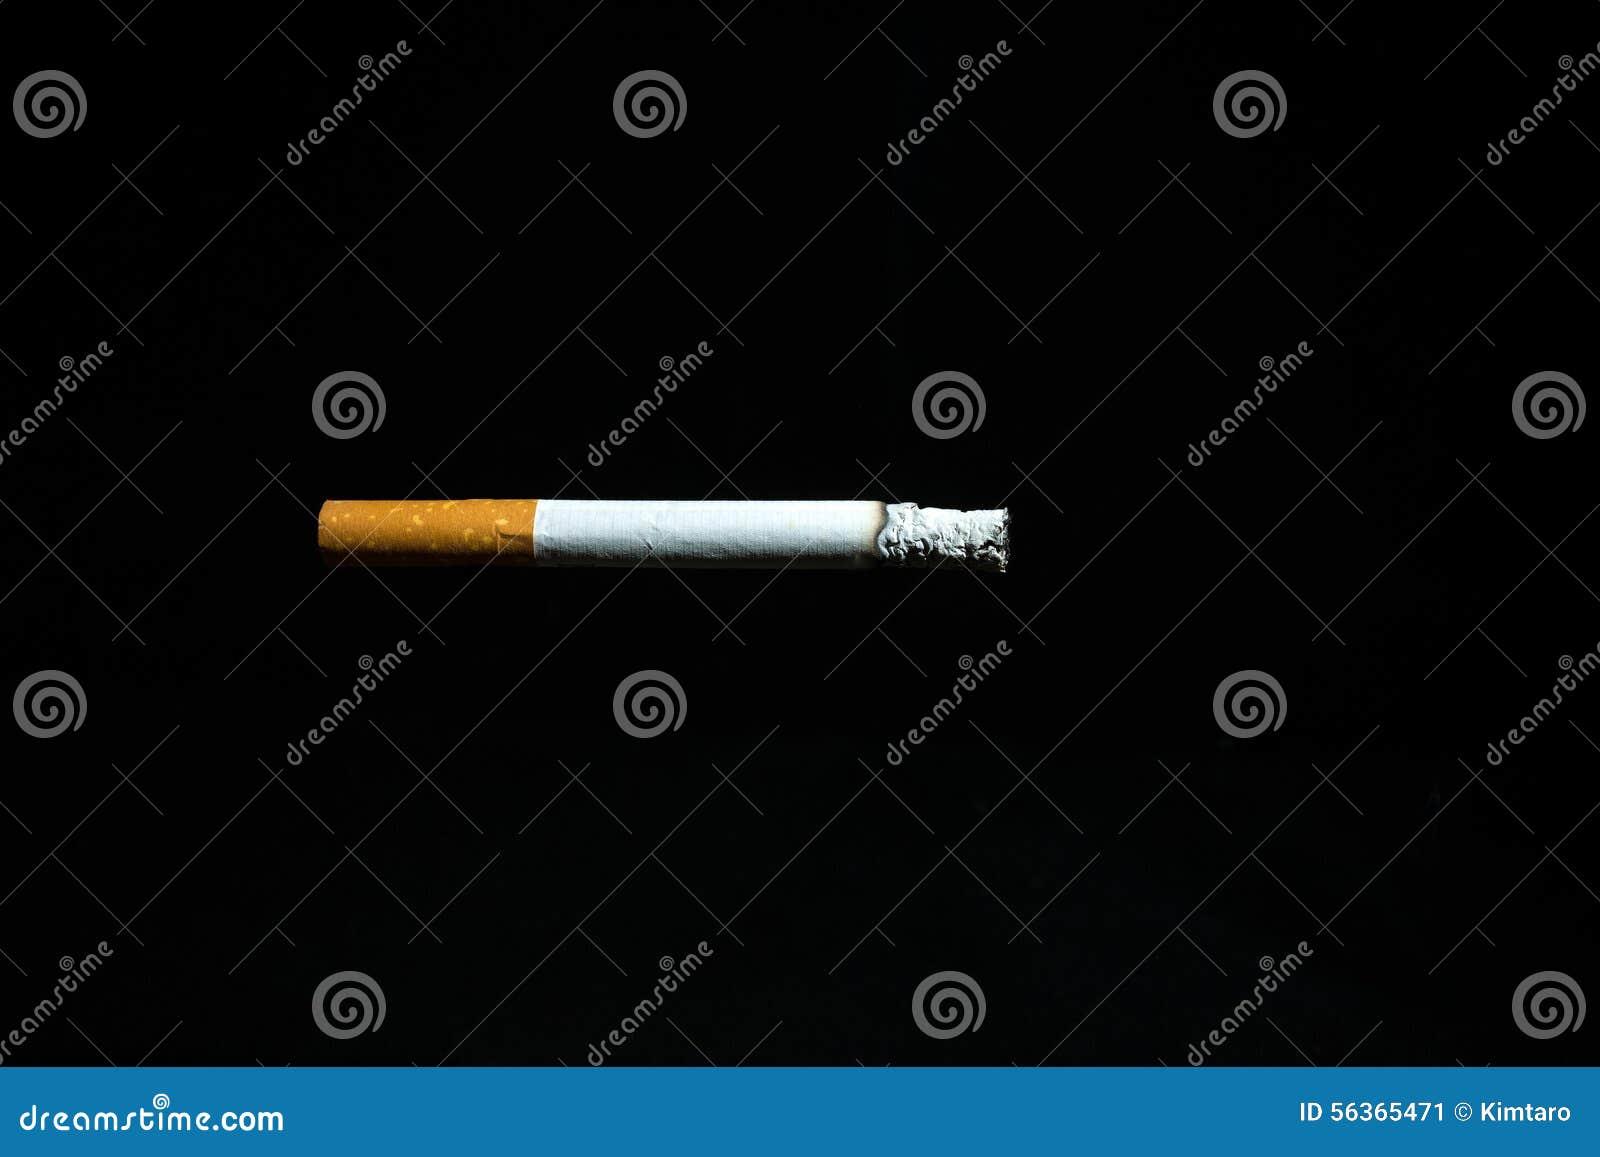 Dymienie jest wiodącym przyczyną nowotwór i śmierć